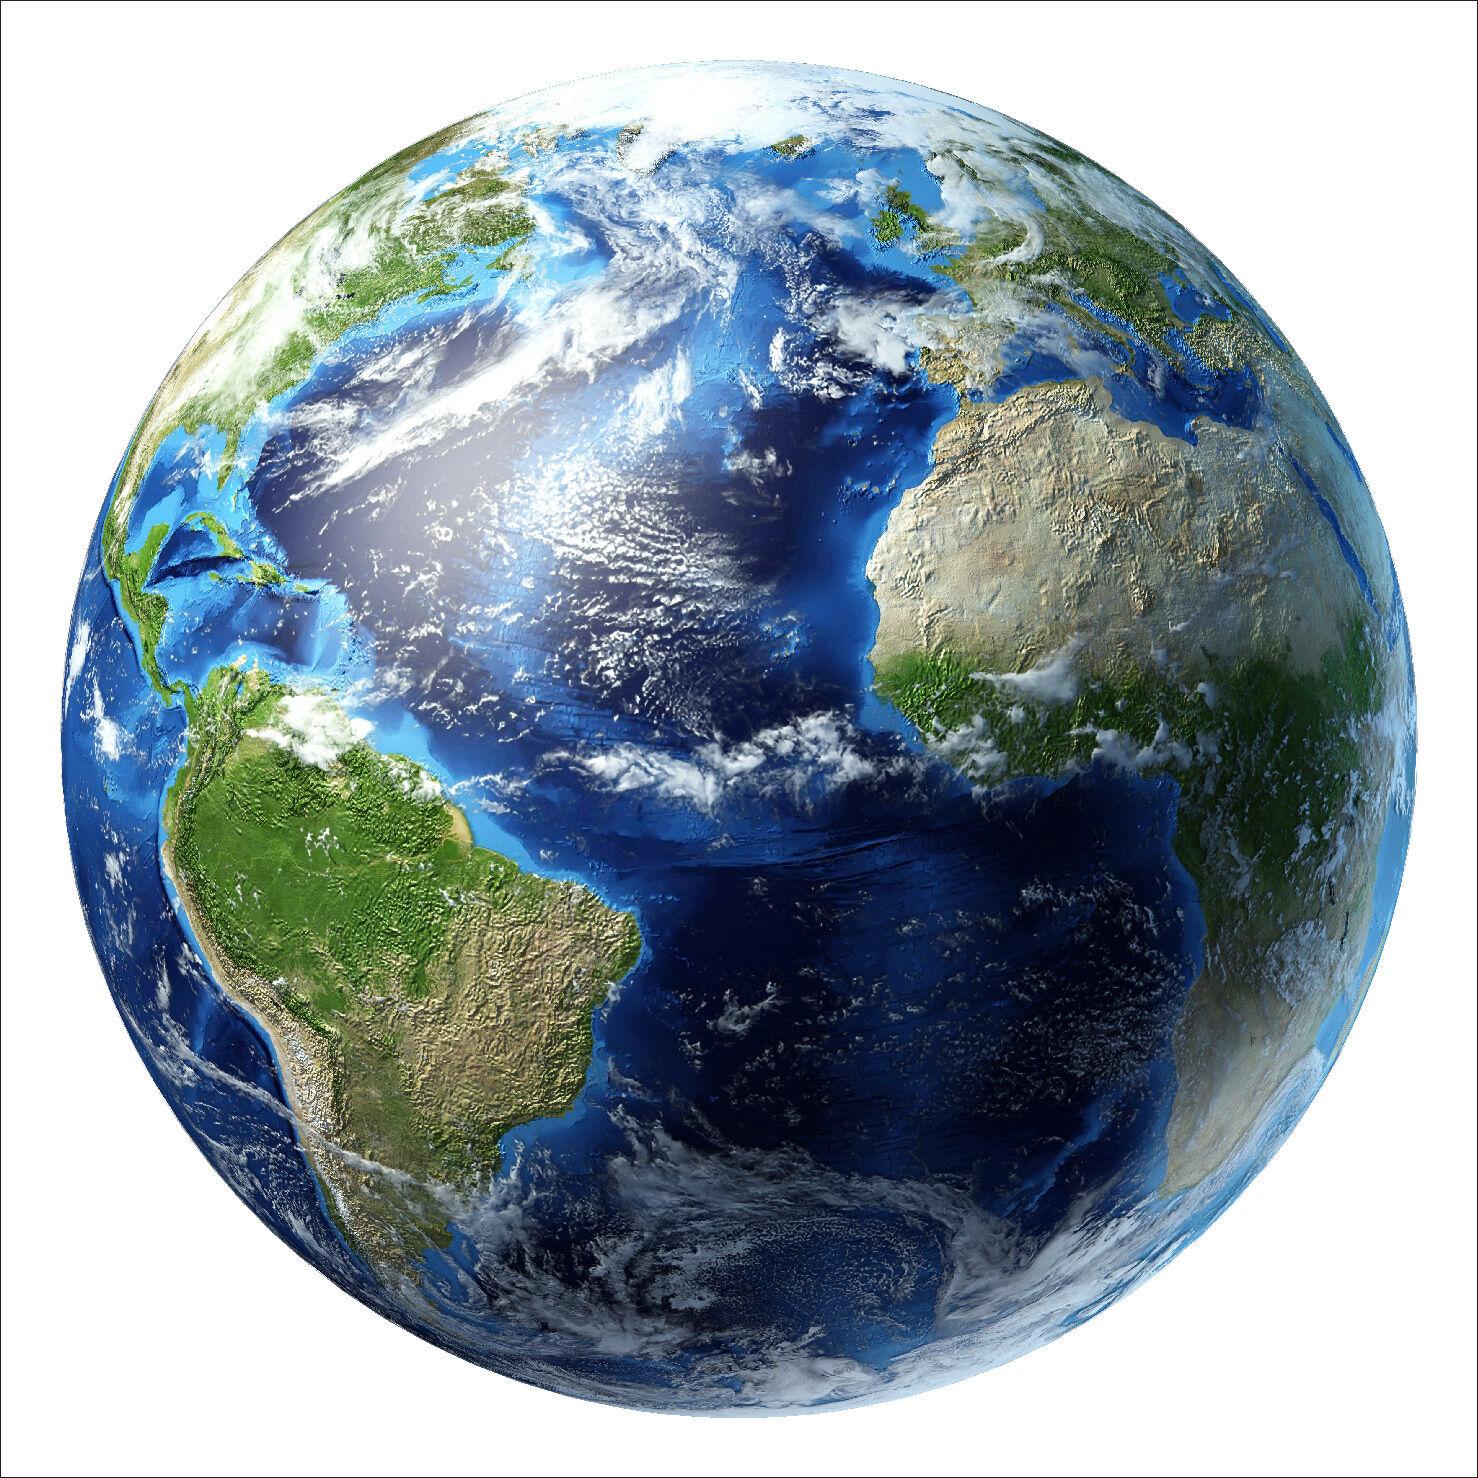 Adesivo Parete Adesivo Decocrazione  Pianeta Terra Ref 4522 (25 Dimensioni)